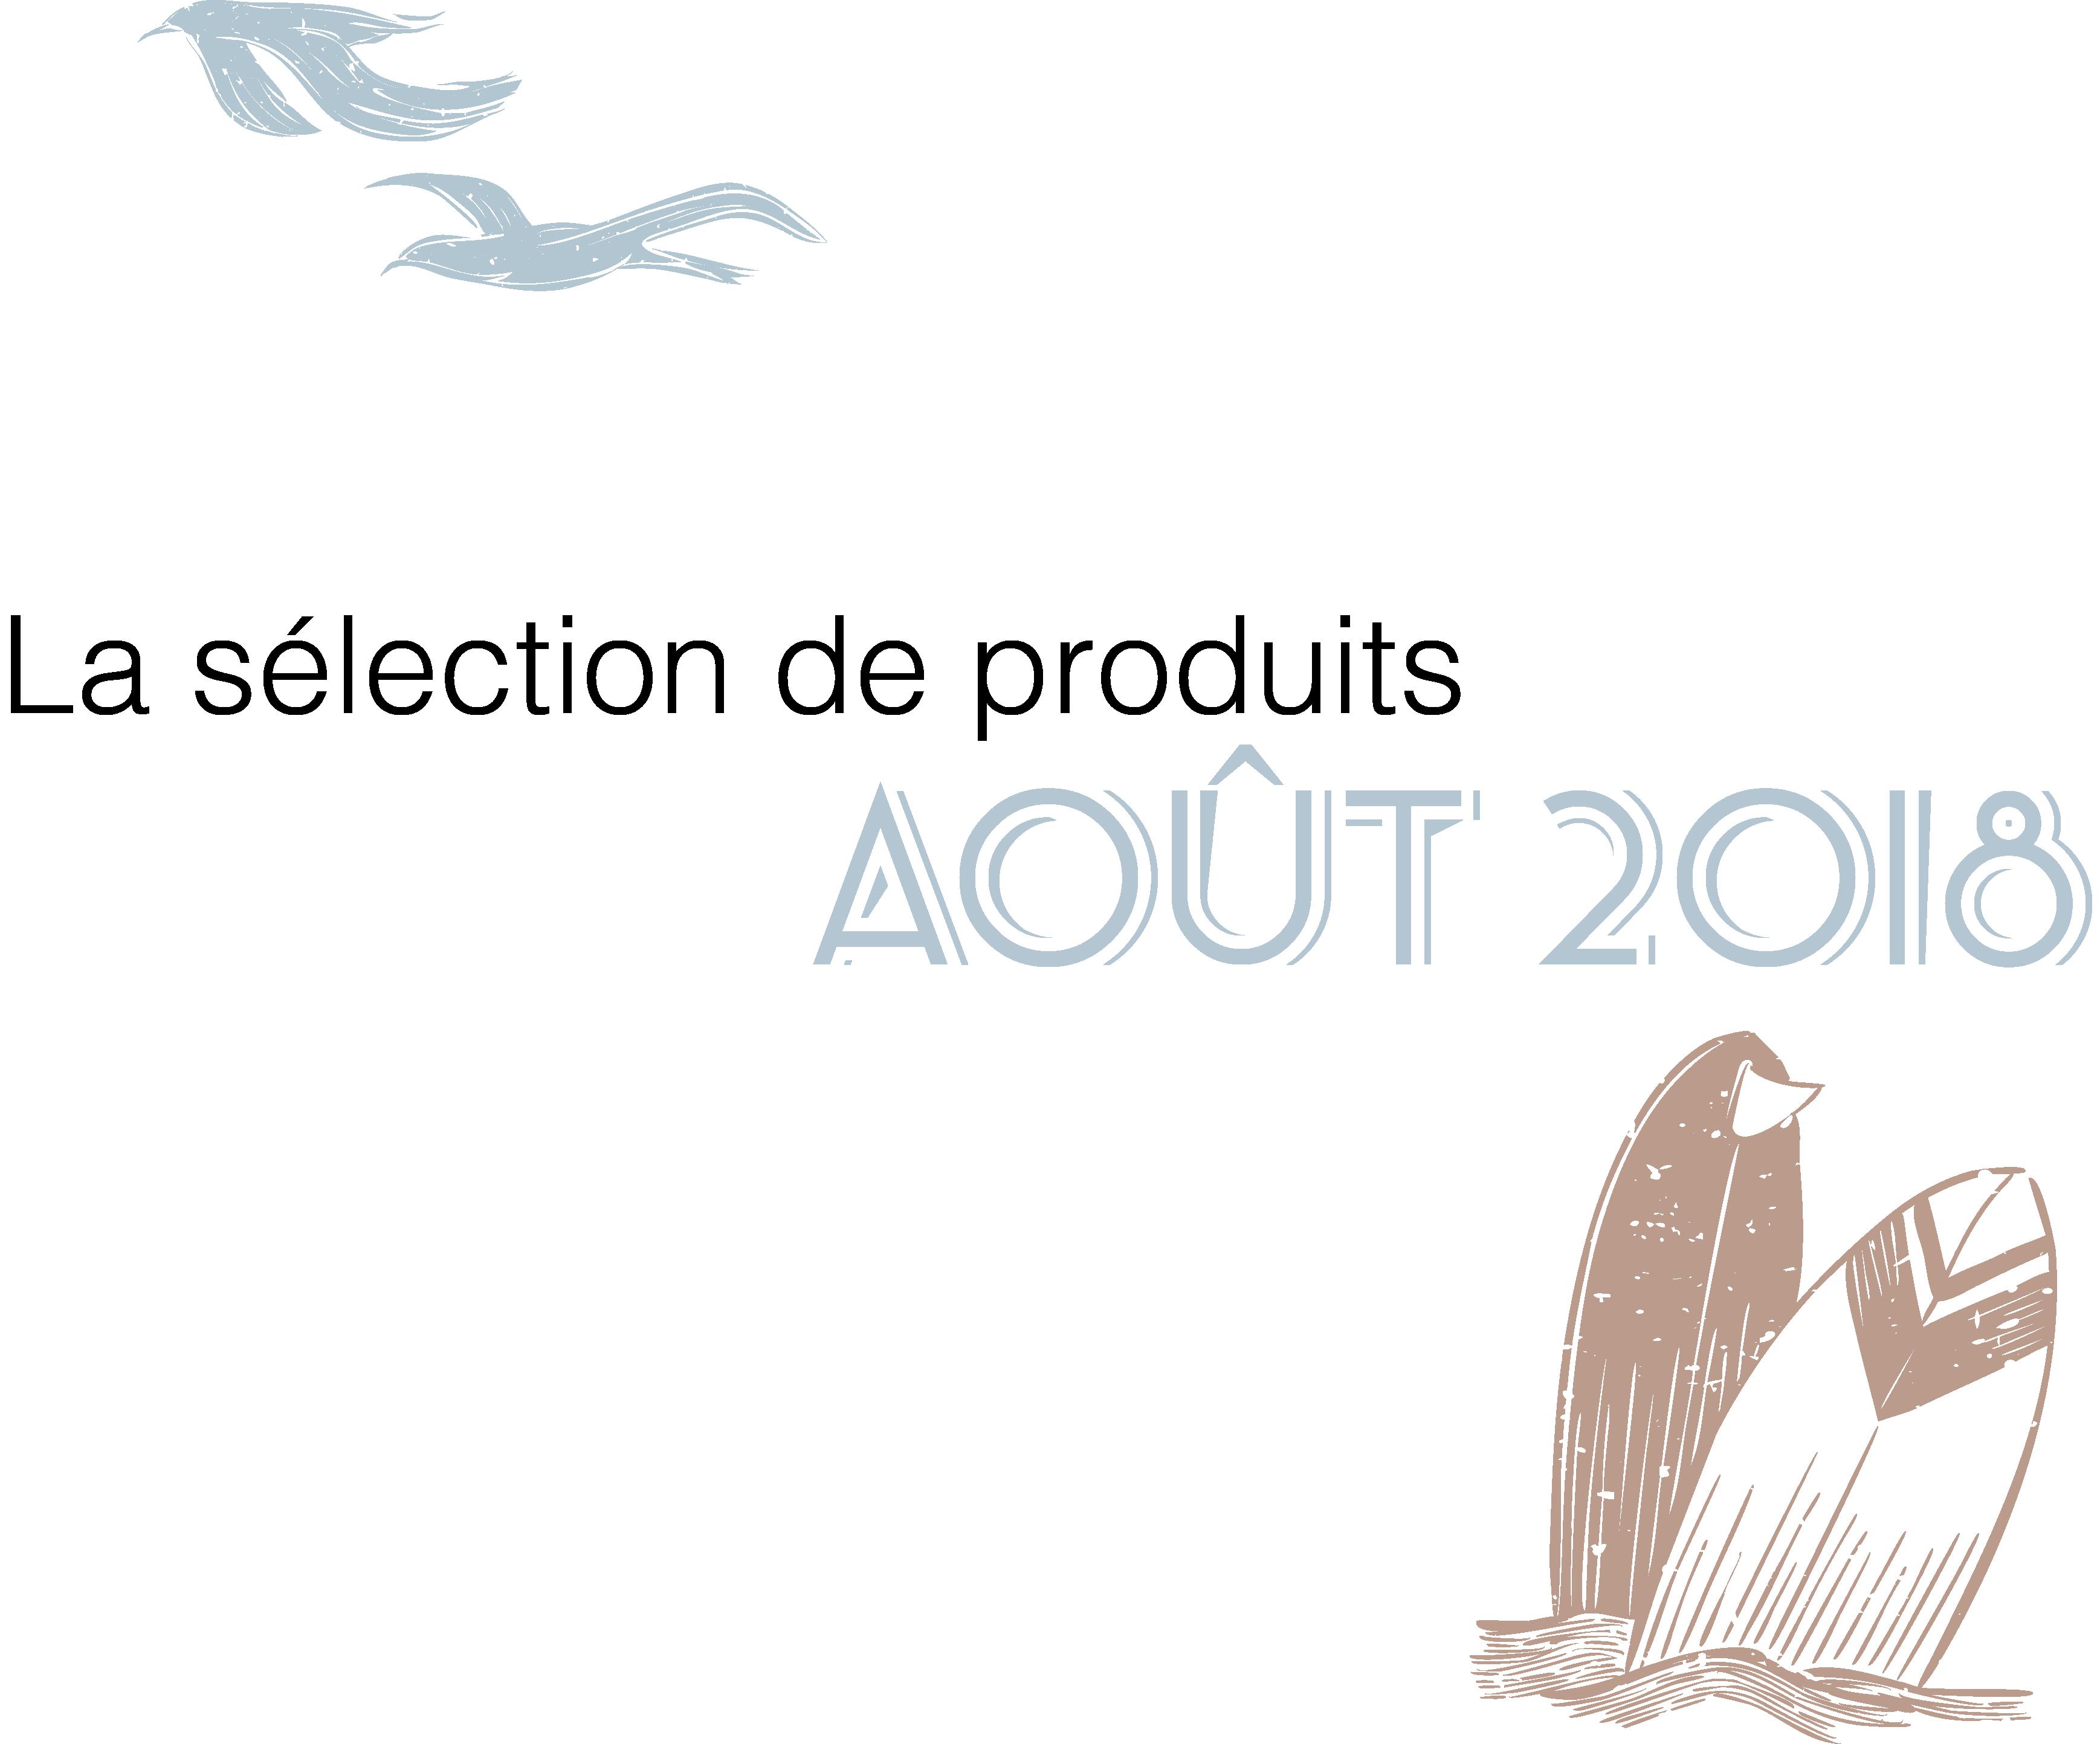 sélection de produits aout 2018